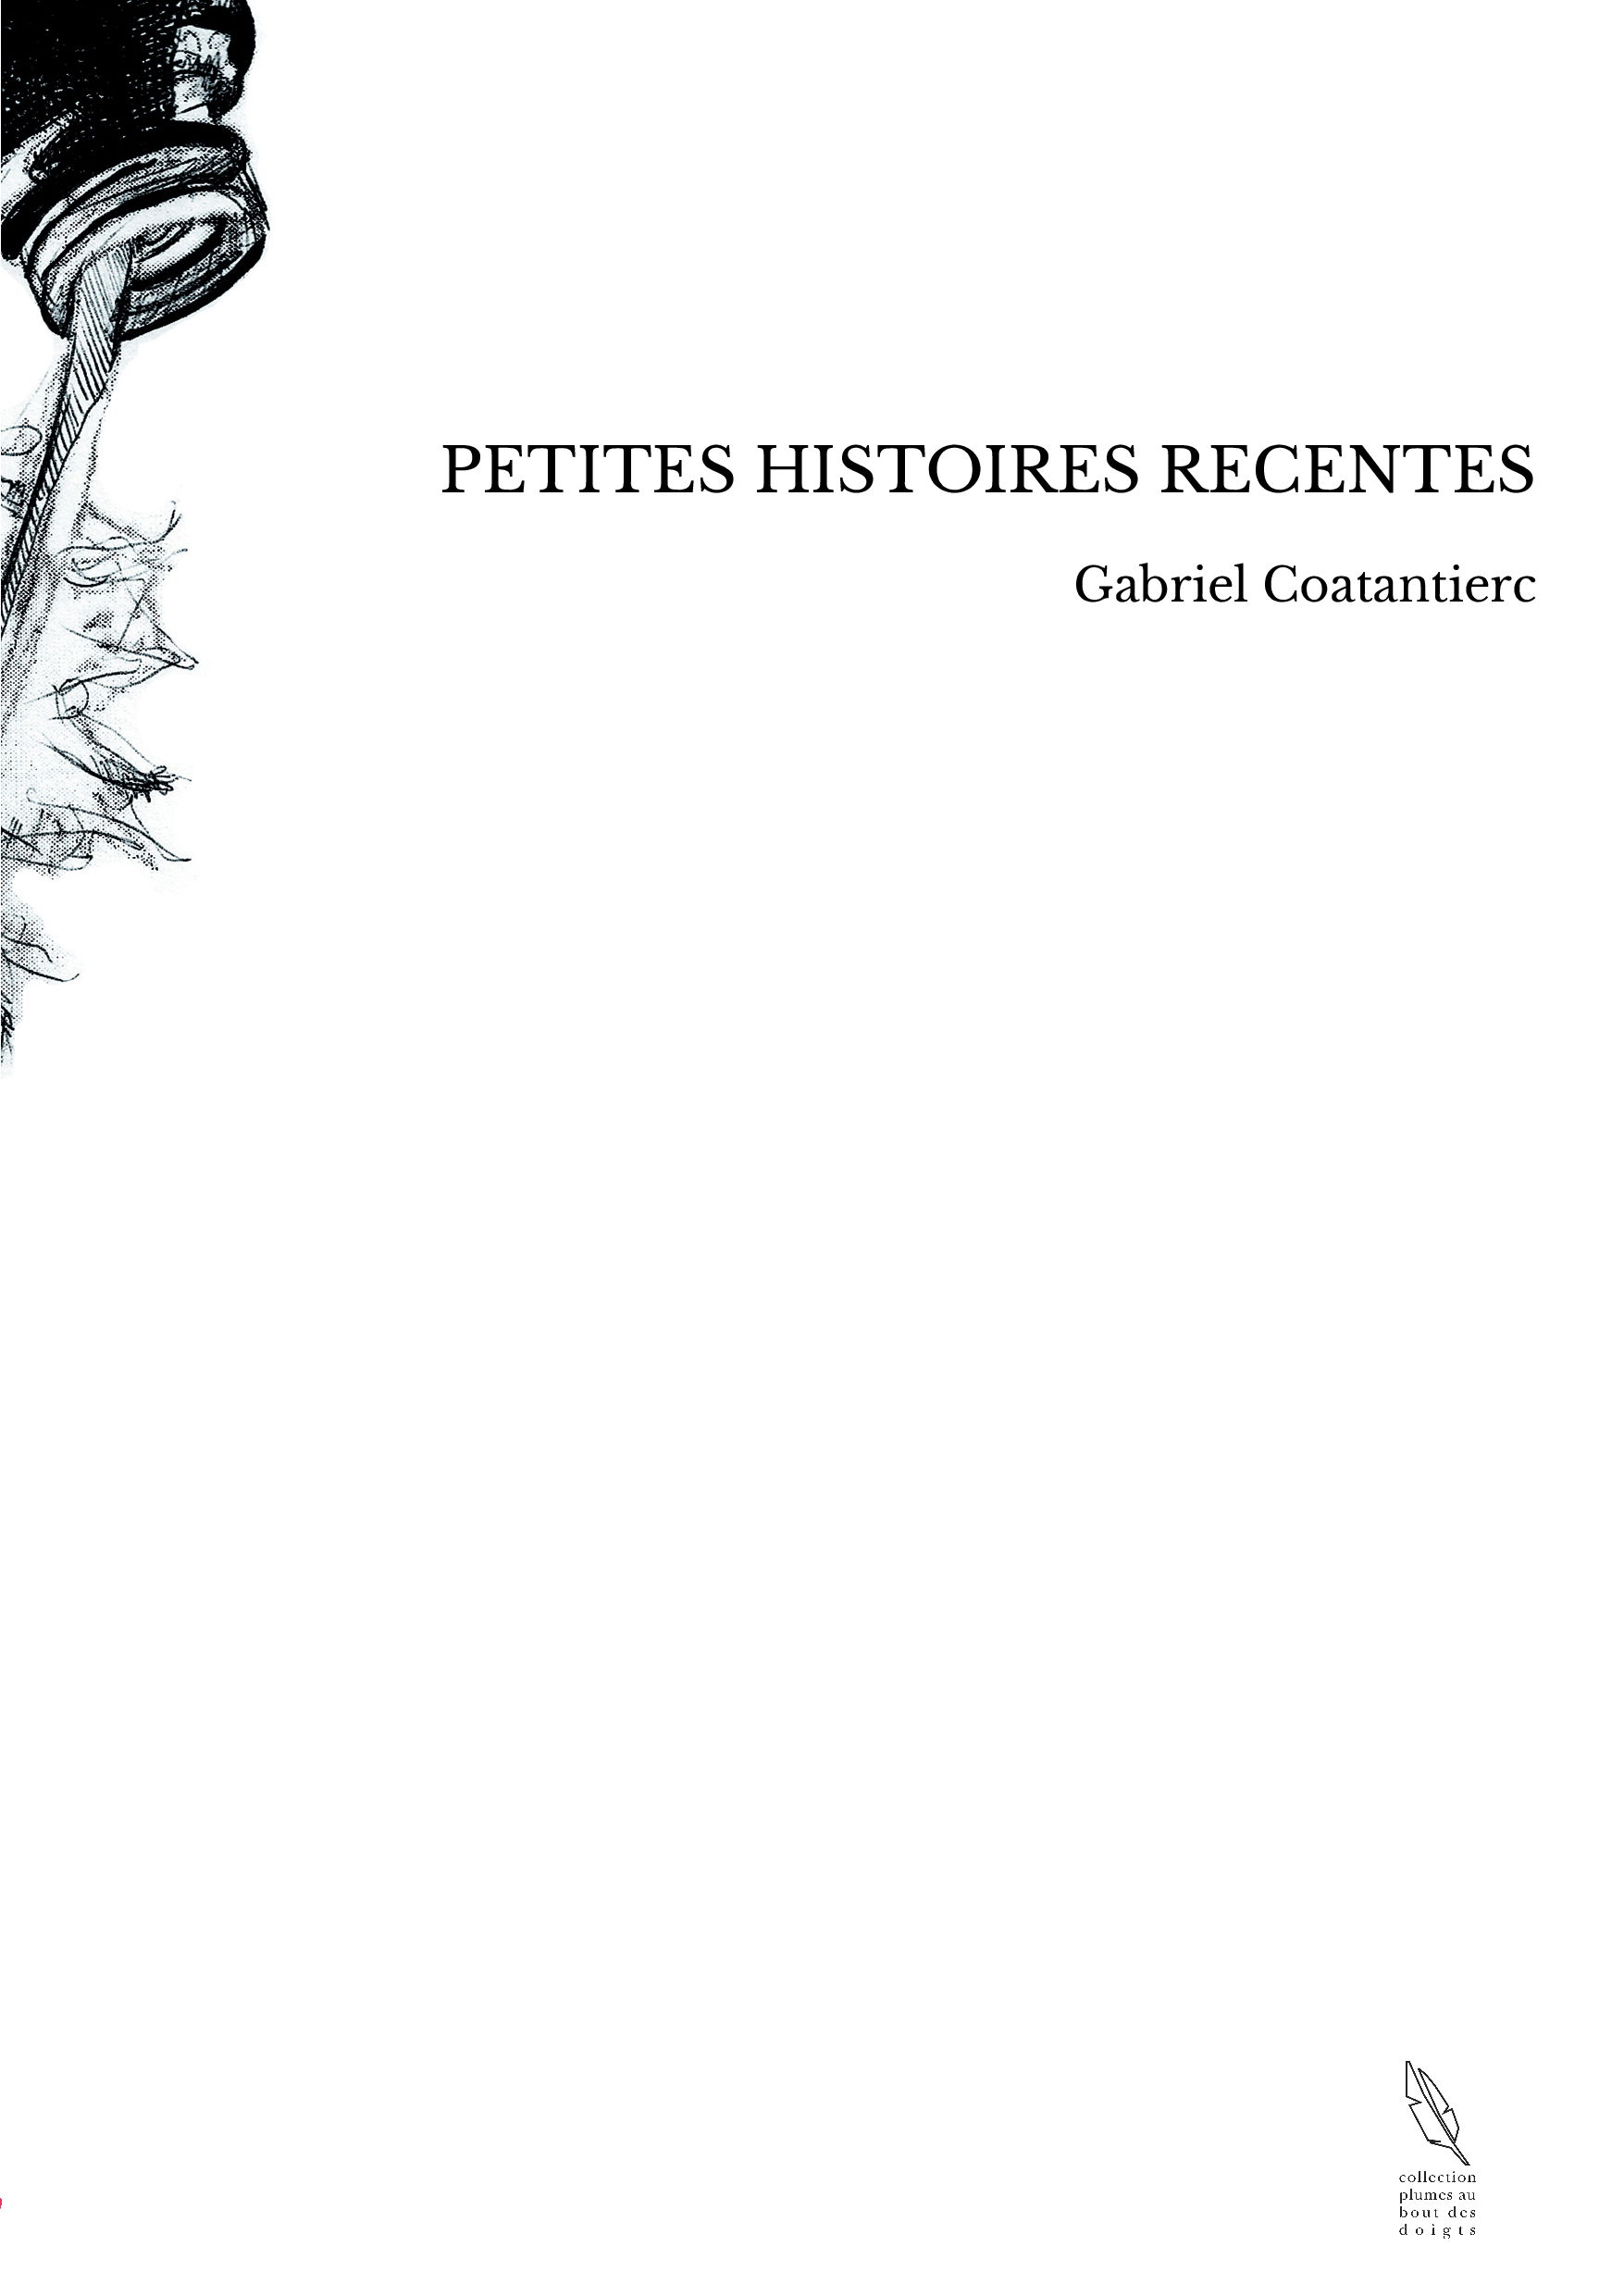 PETITES HISTOIRES RECENTES